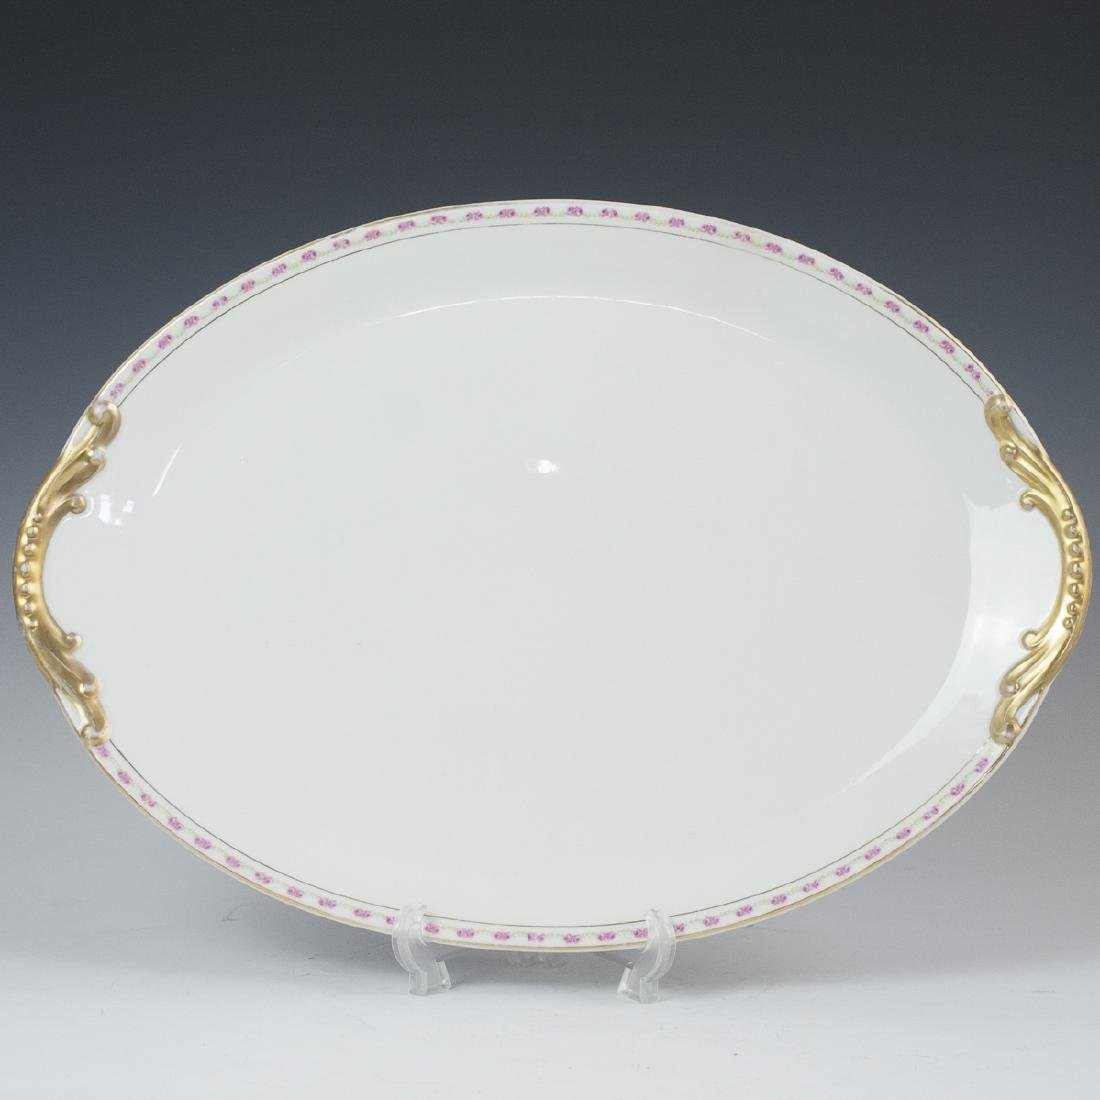 Paroutaud Freres Limoges Porcelain Platter